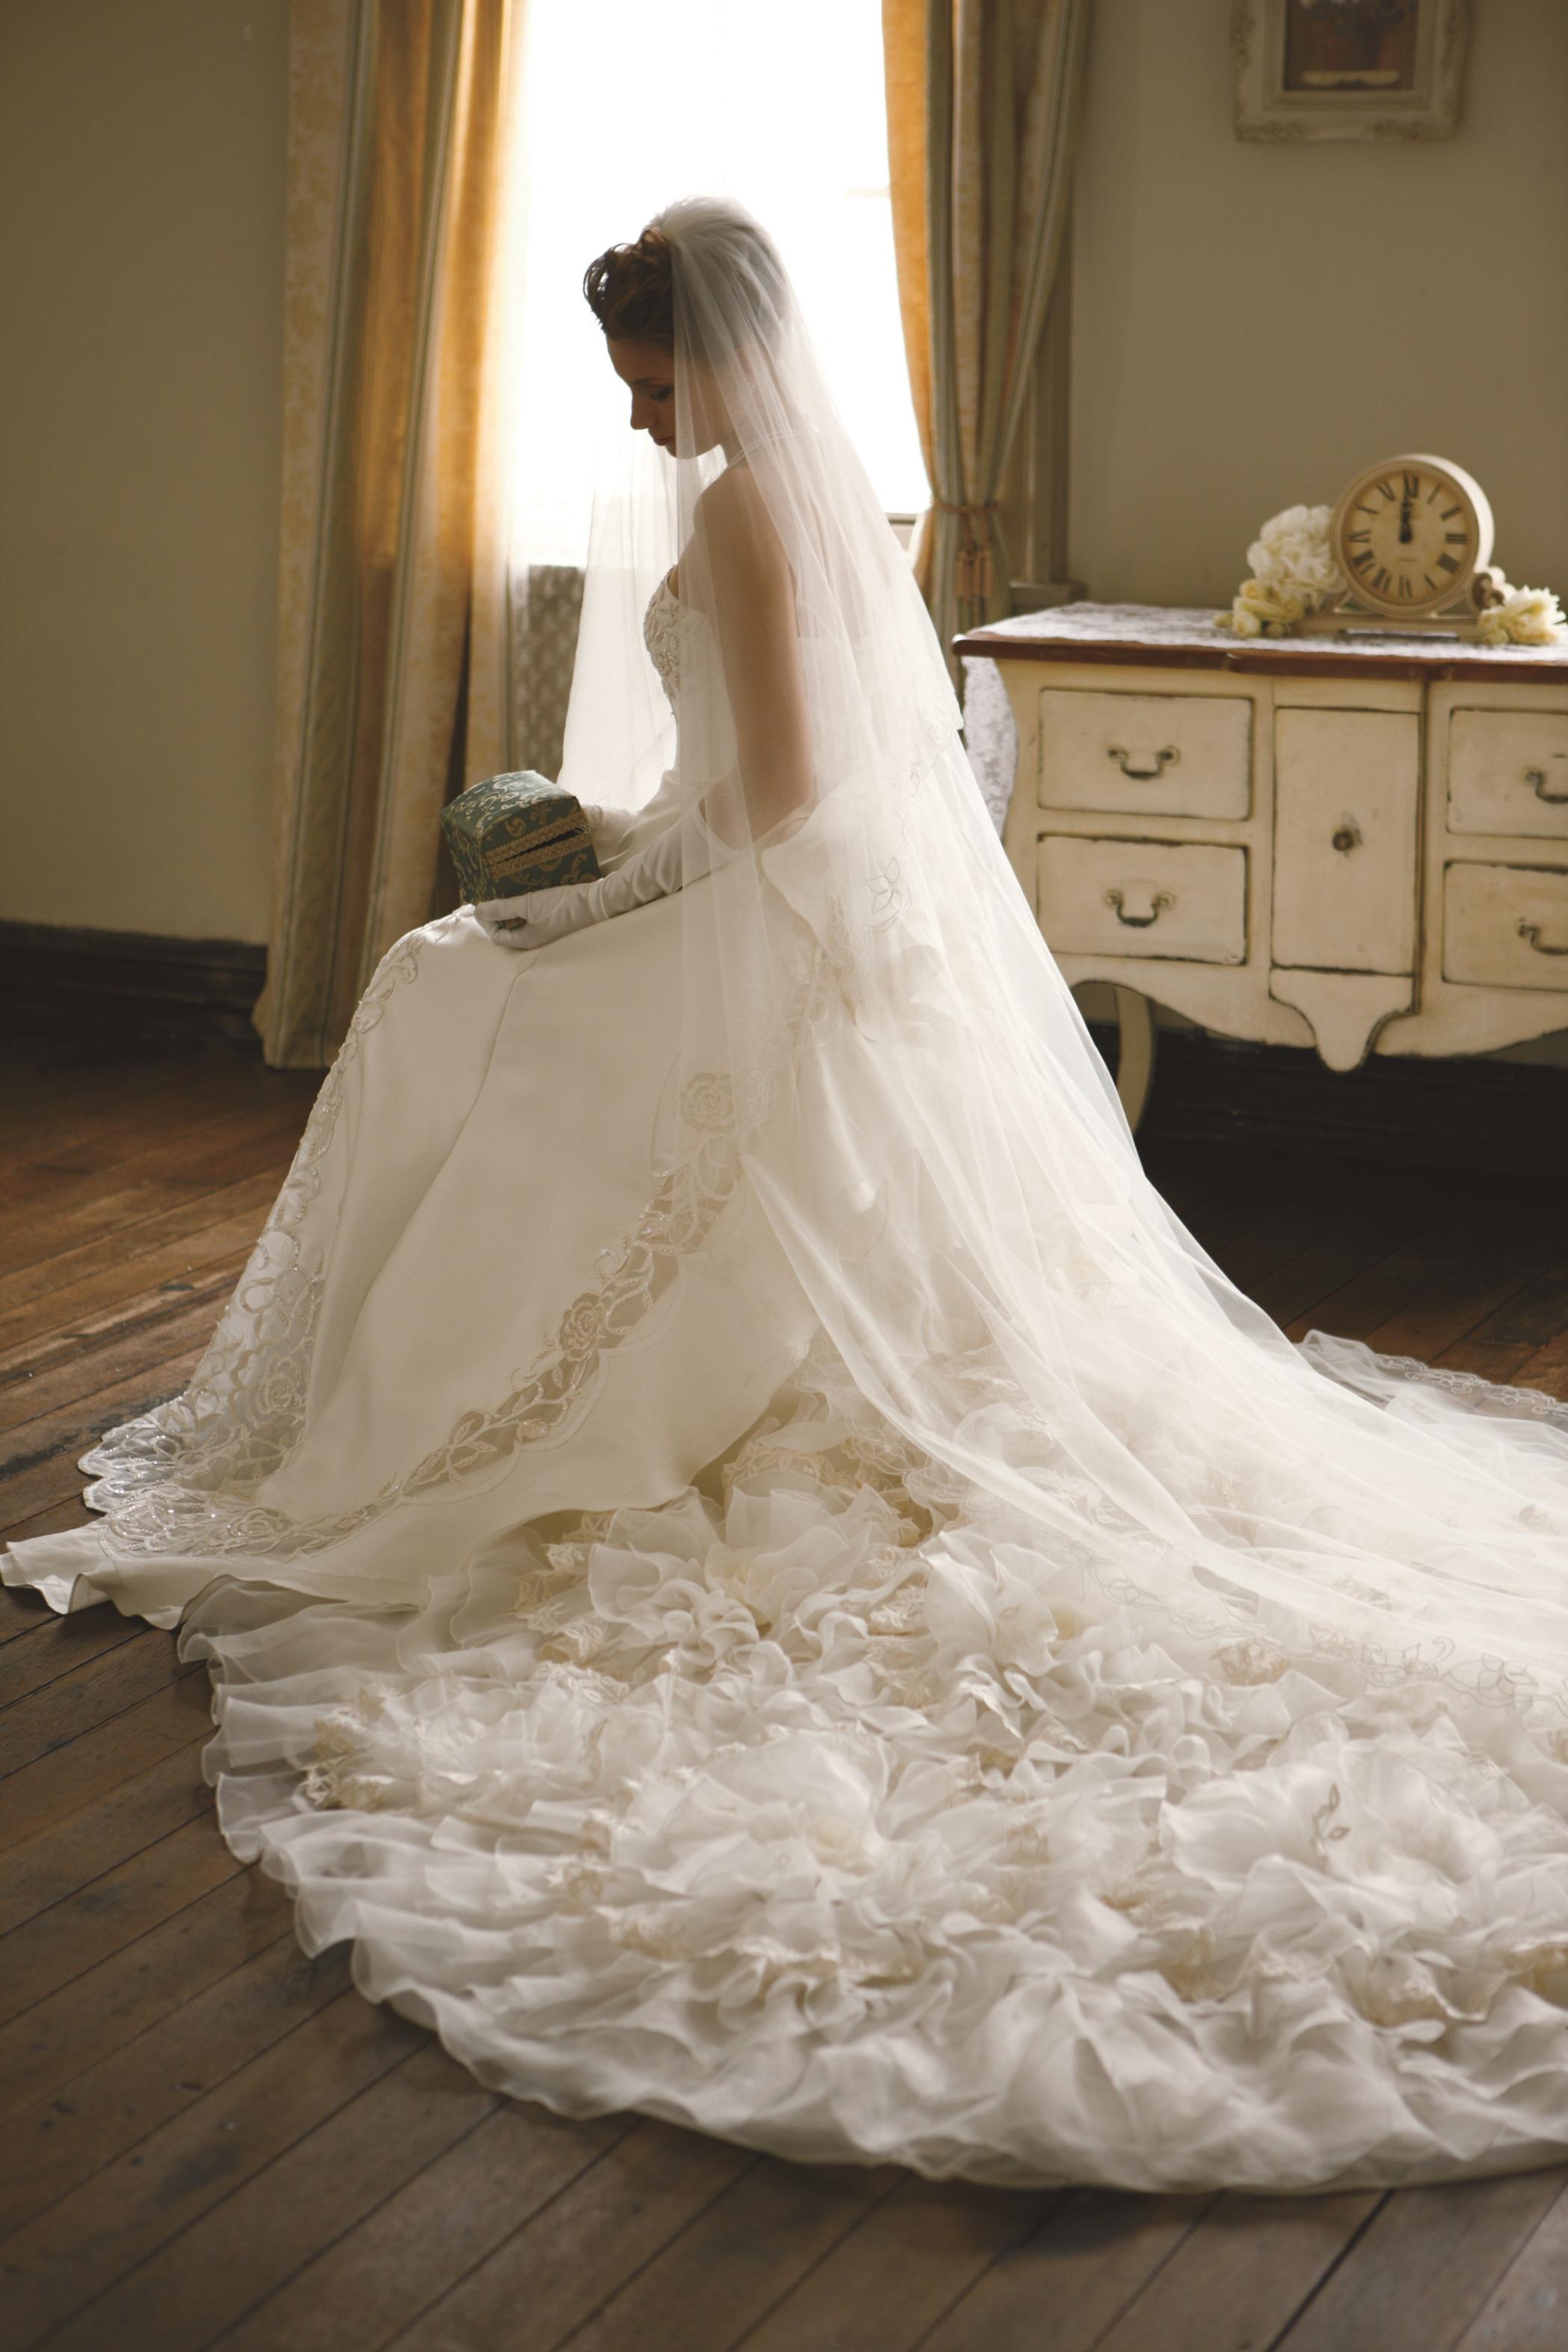 【京都結婚式×準備】ウエディングドレスの不思議な力!